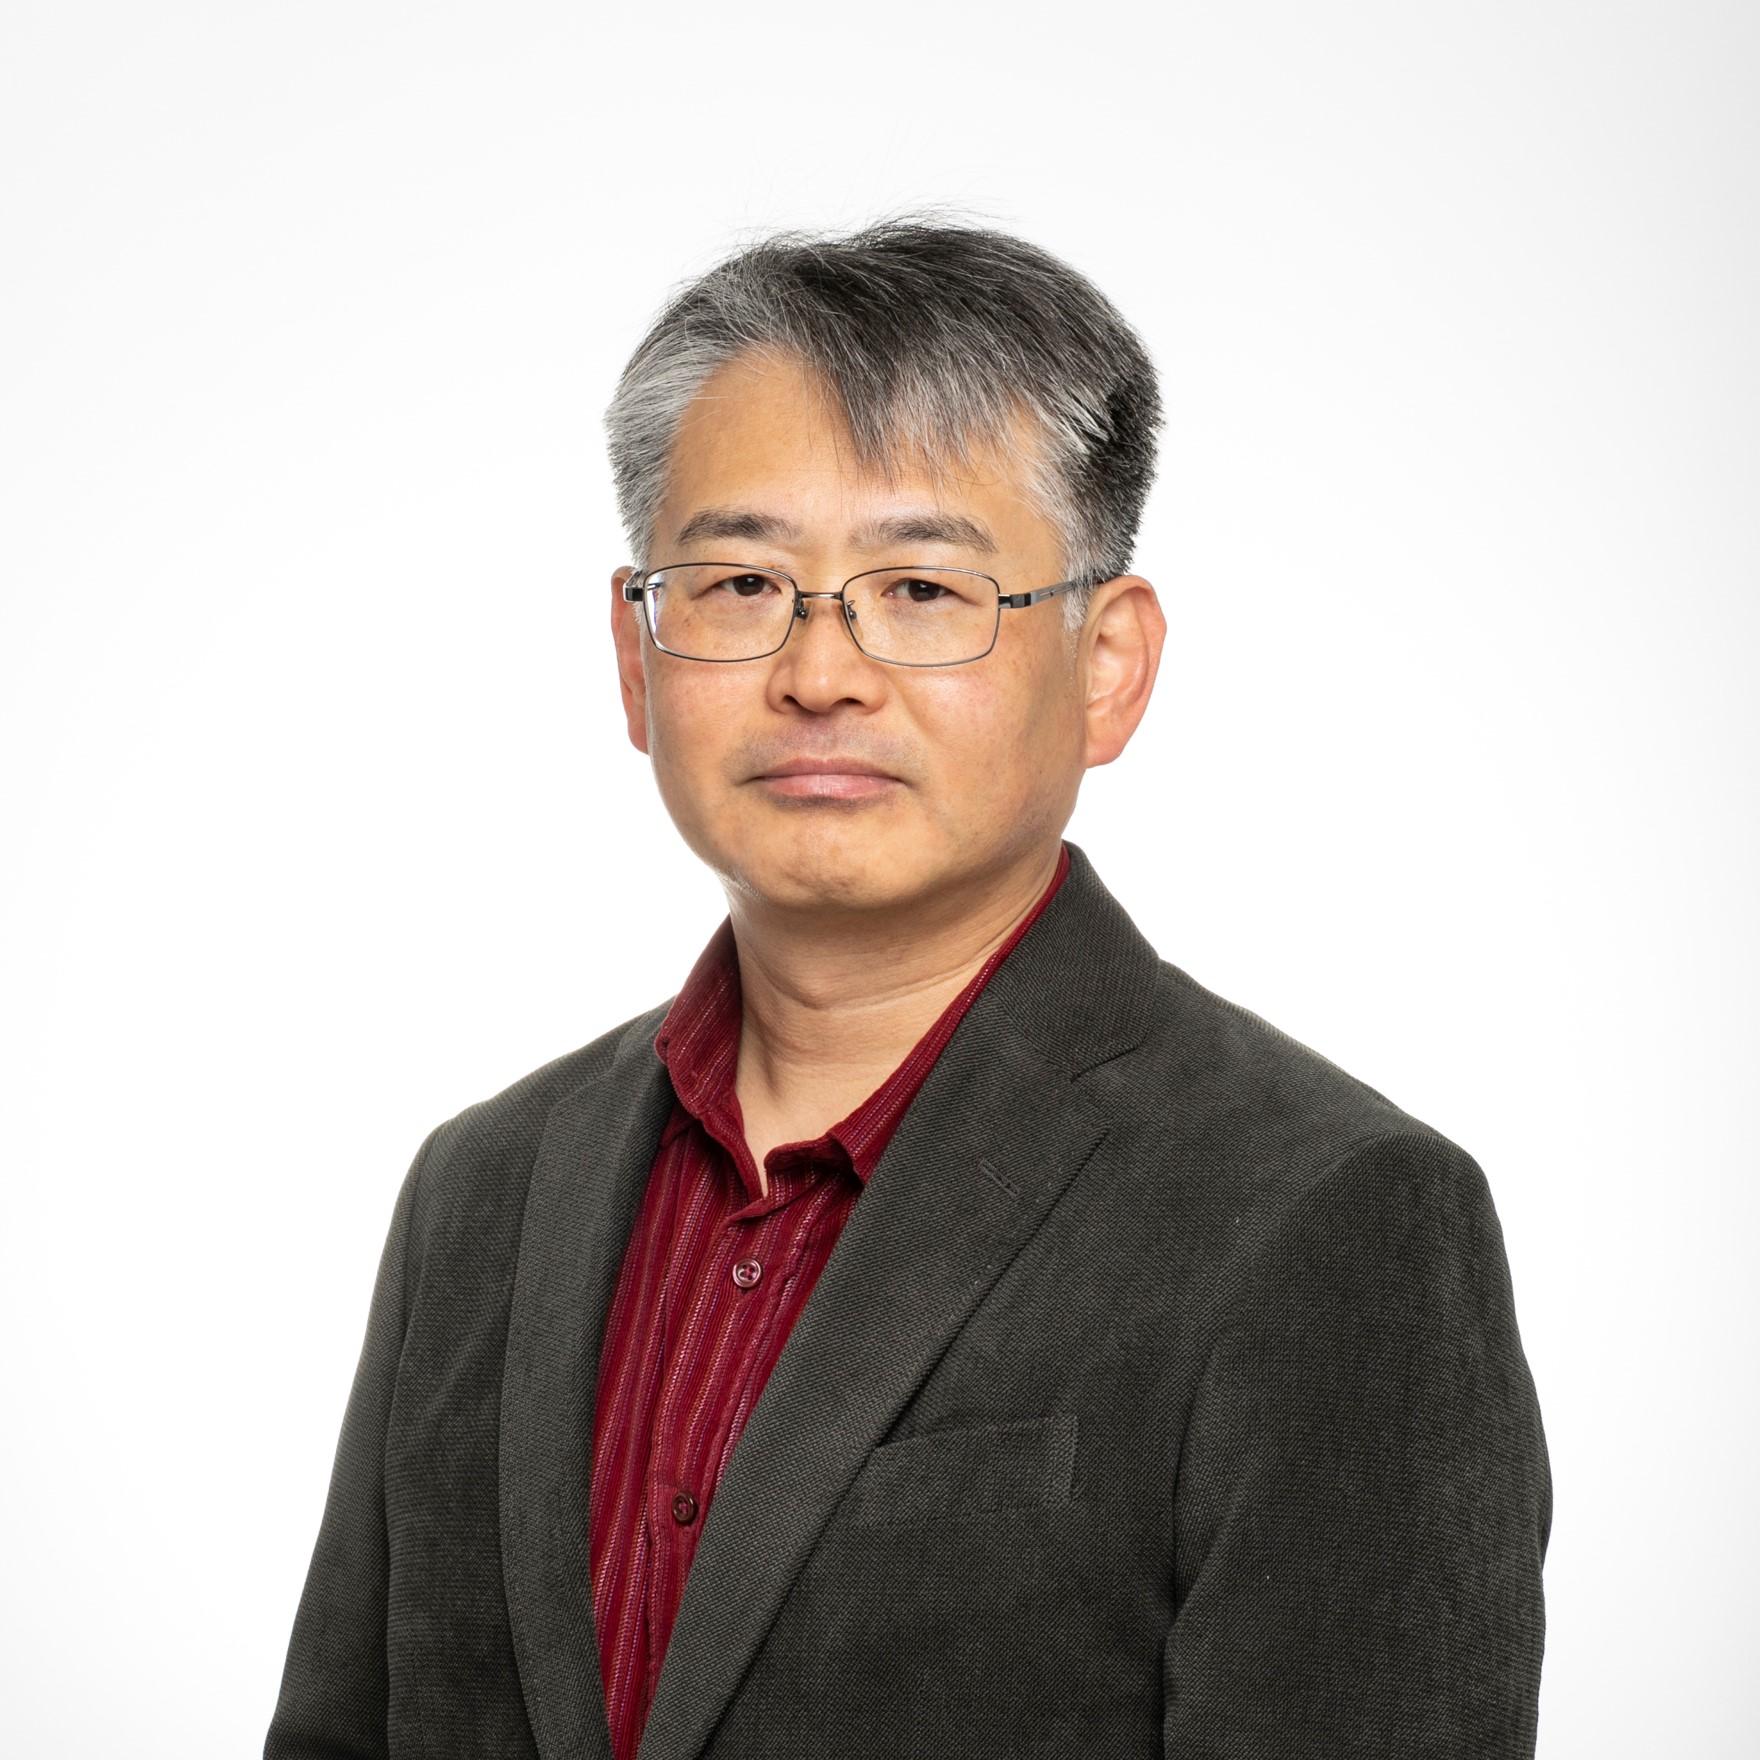 Yasuhiko Miyauchi